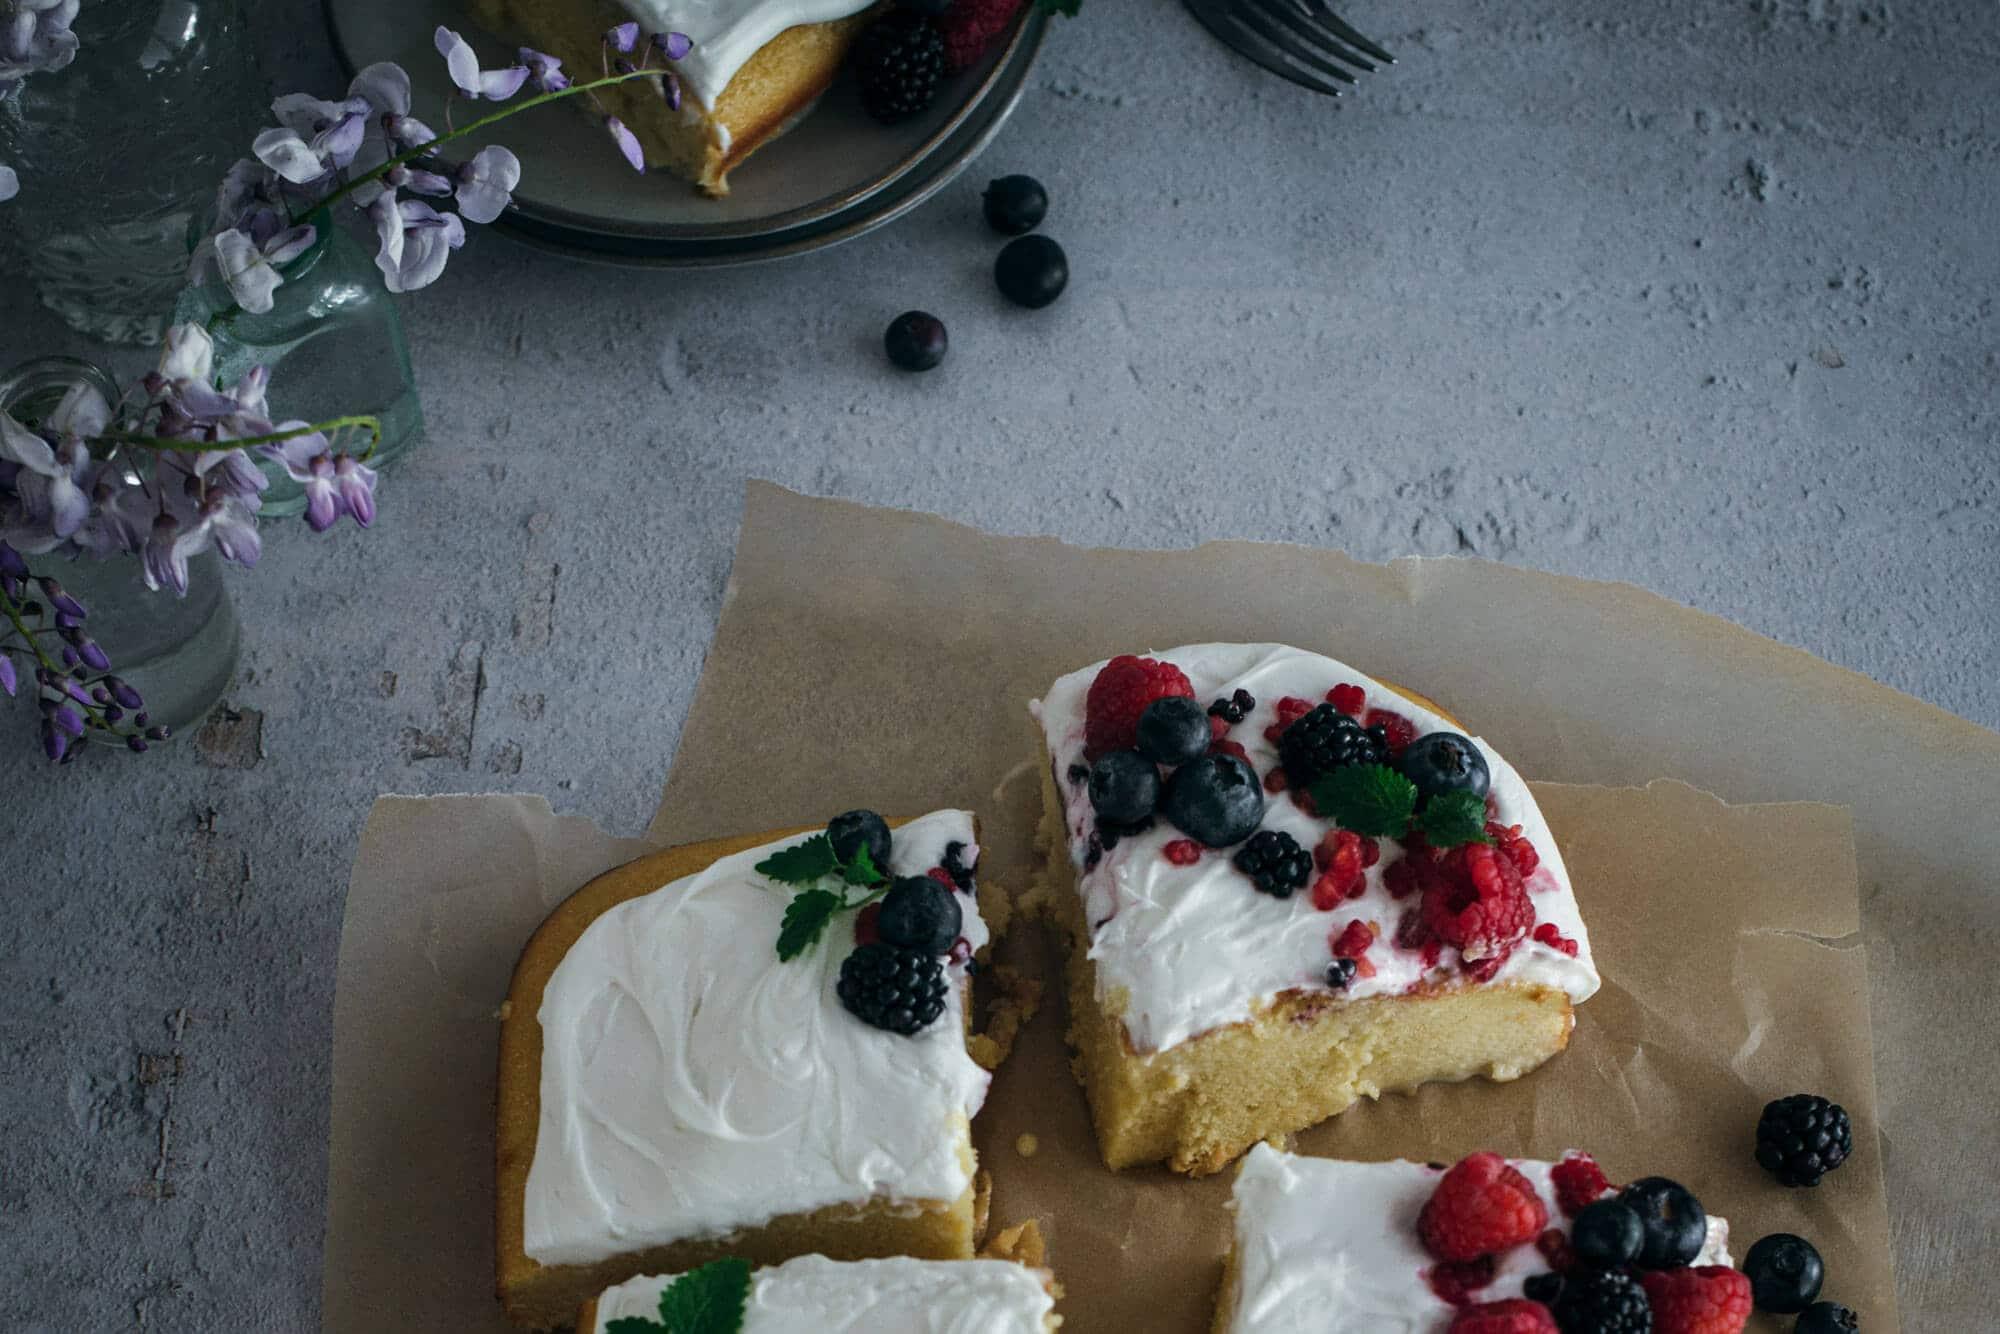 Easy to make sheet cake recipe